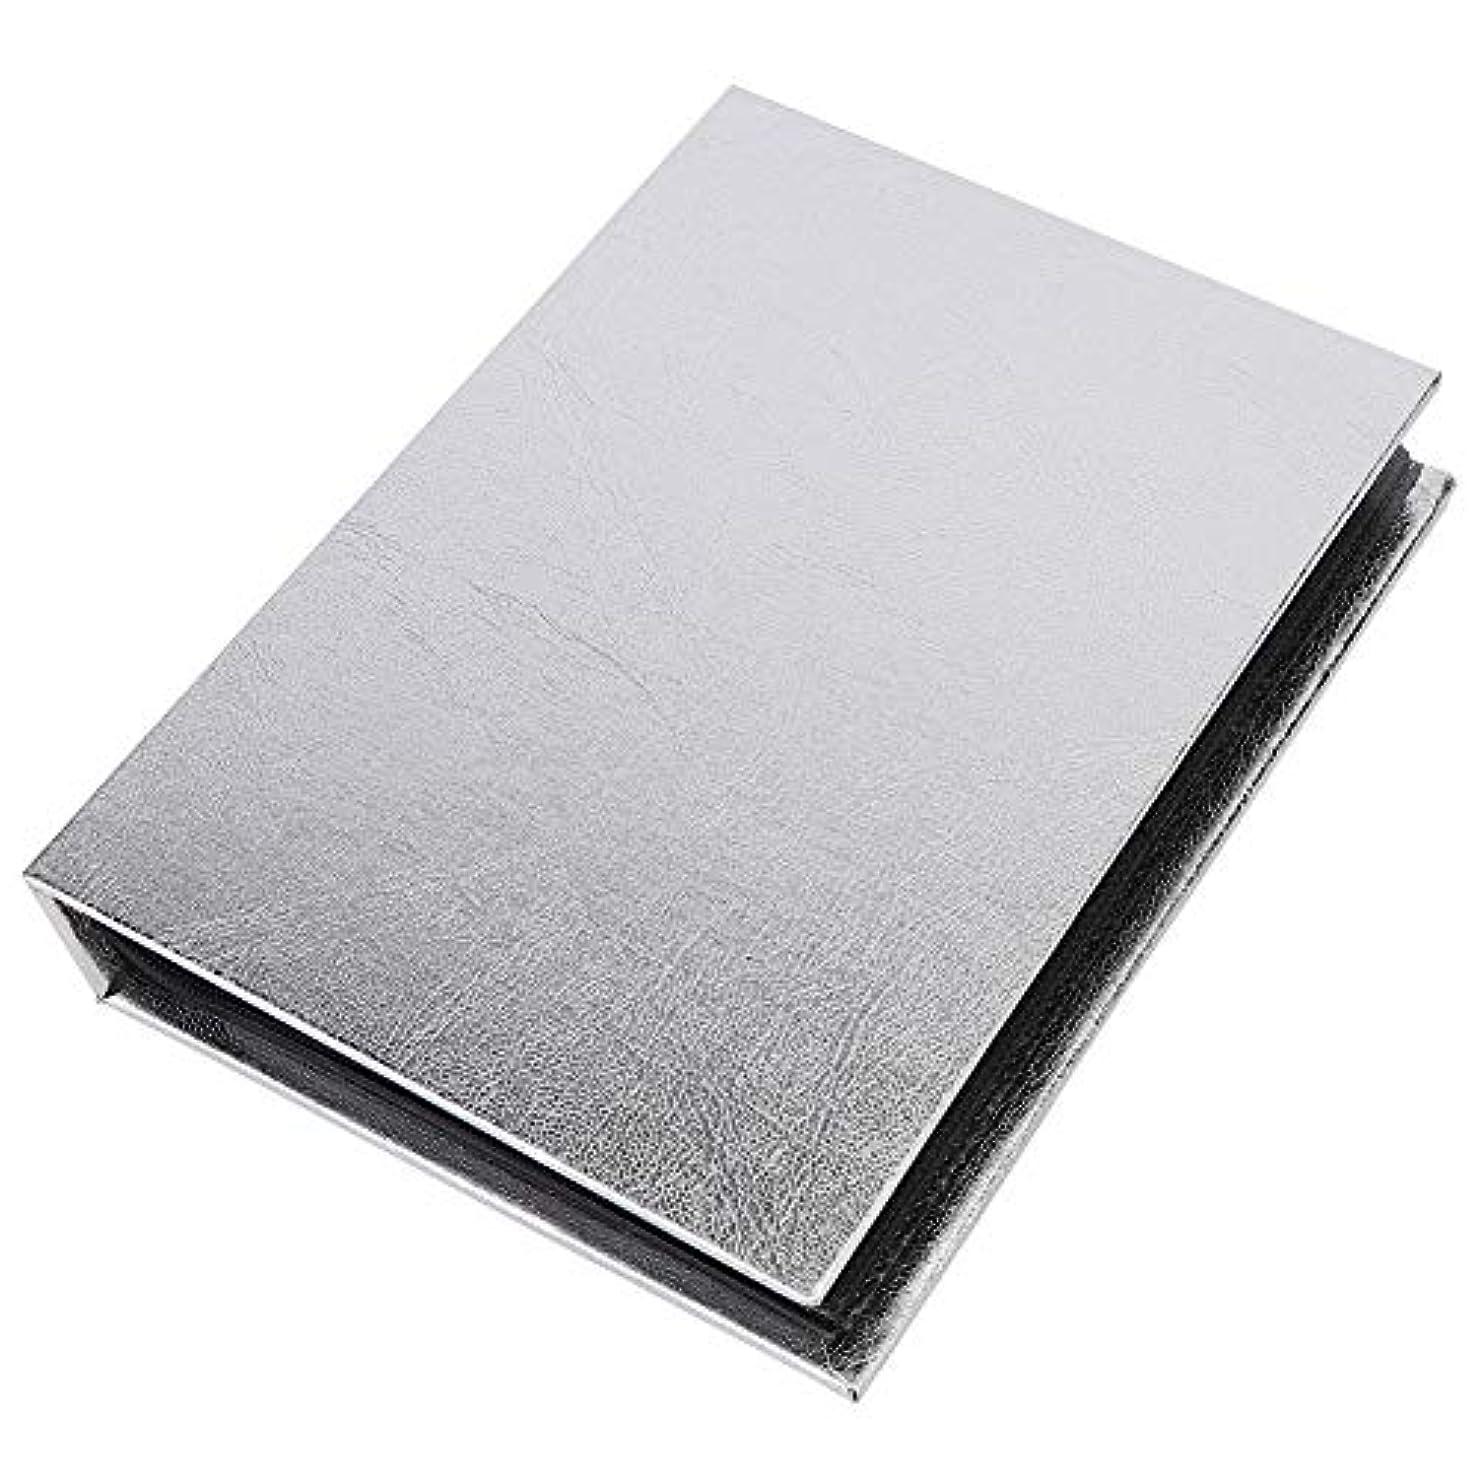 白いトリクル第三30ページパーフェクトネイルステッカーコレクションアルバム - ポータブル折りたたみ収納本オーガナイザー(ゴールド+シルバーオプション)(02)